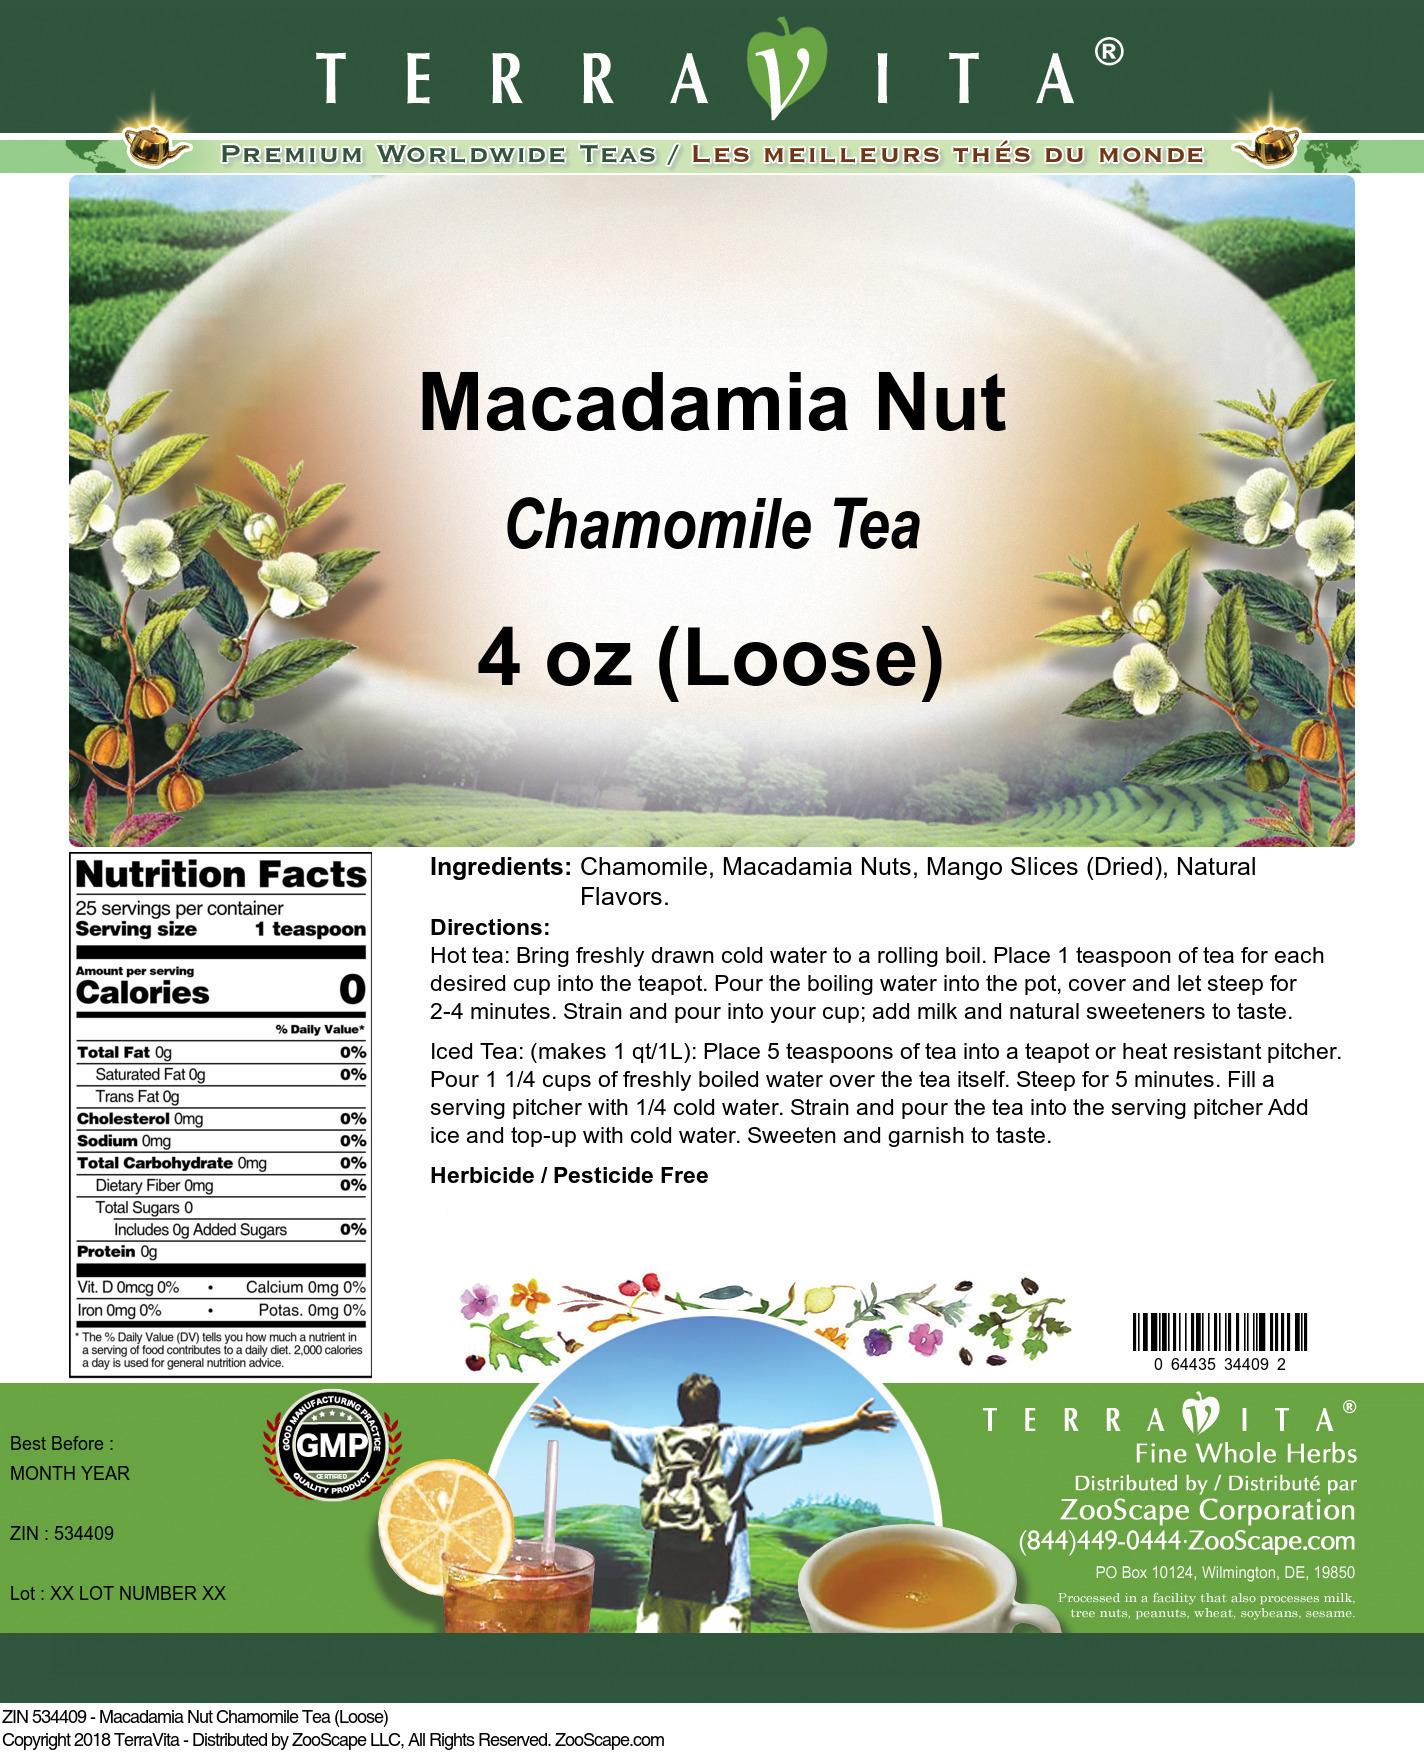 Macadamia Nut Chamomile Tea (Loose)